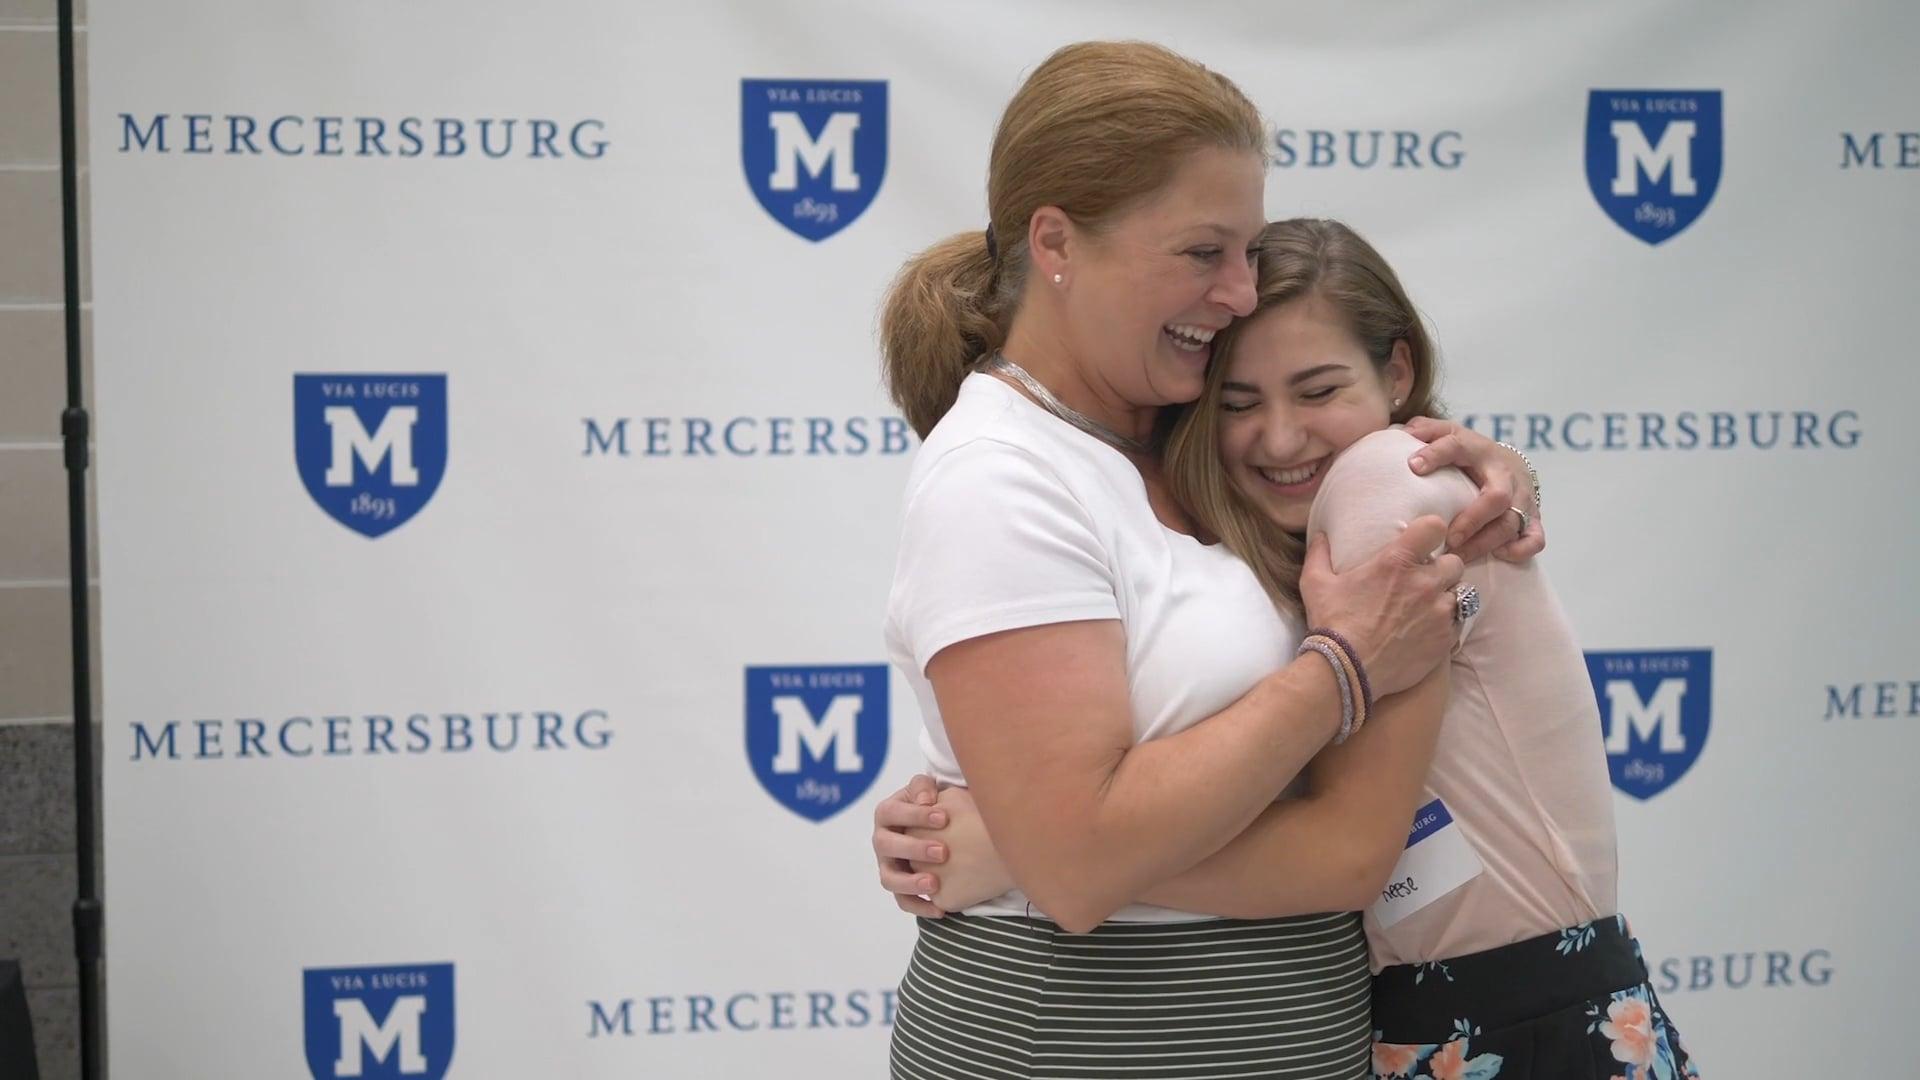 Mercersburg Academy: Back to School 2018